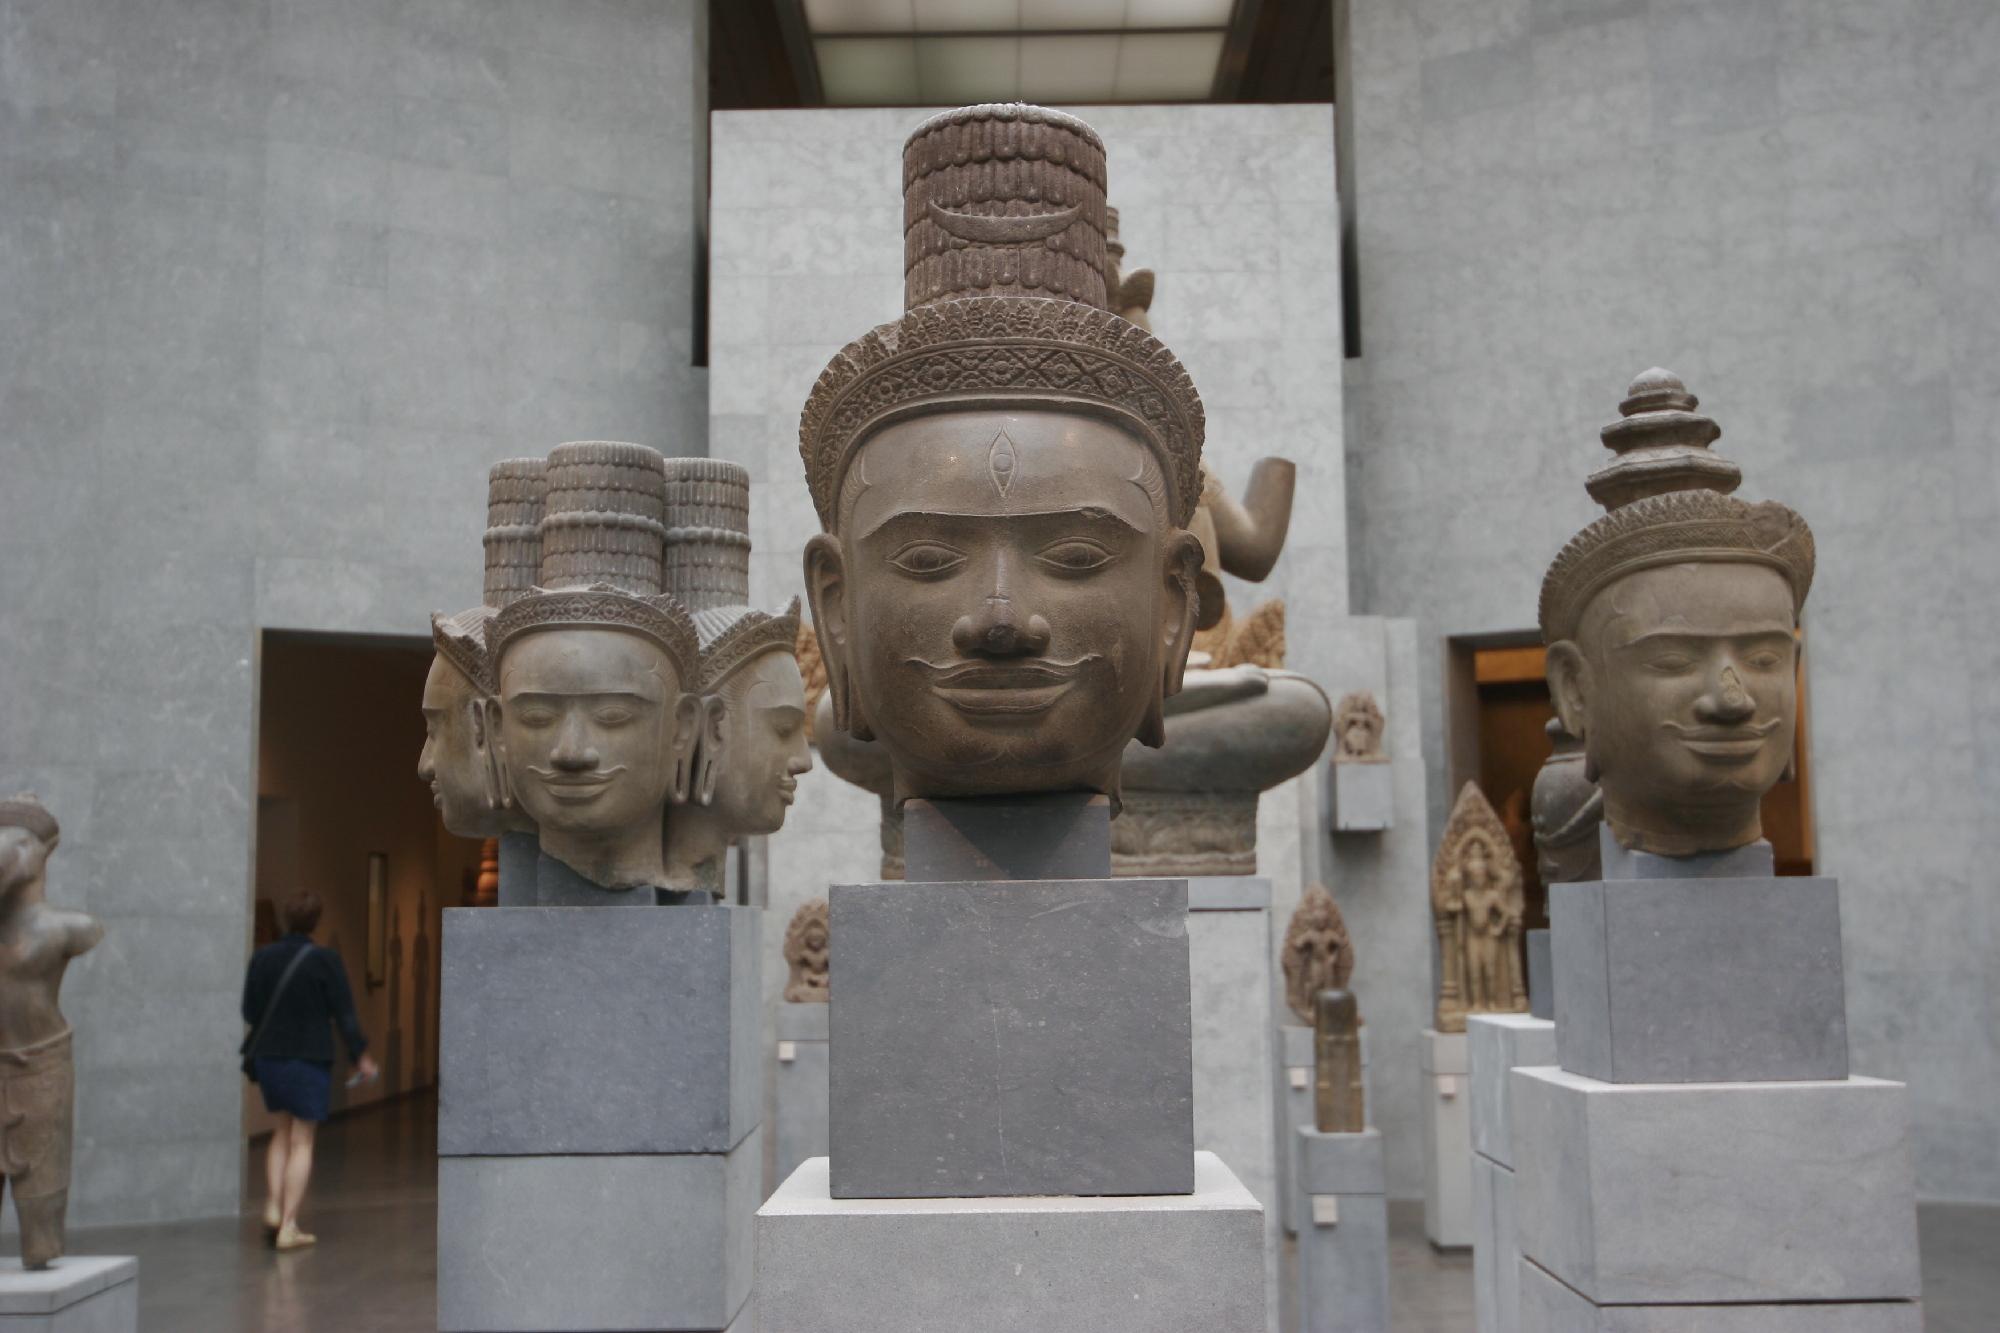 Musée National des Arts Asiatiques